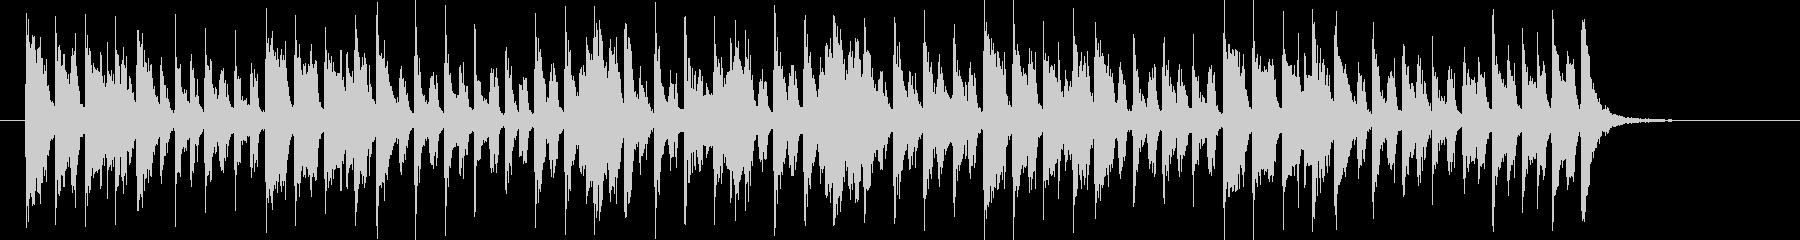 アーバンな1980年代風ピアノ・ソウルの未再生の波形